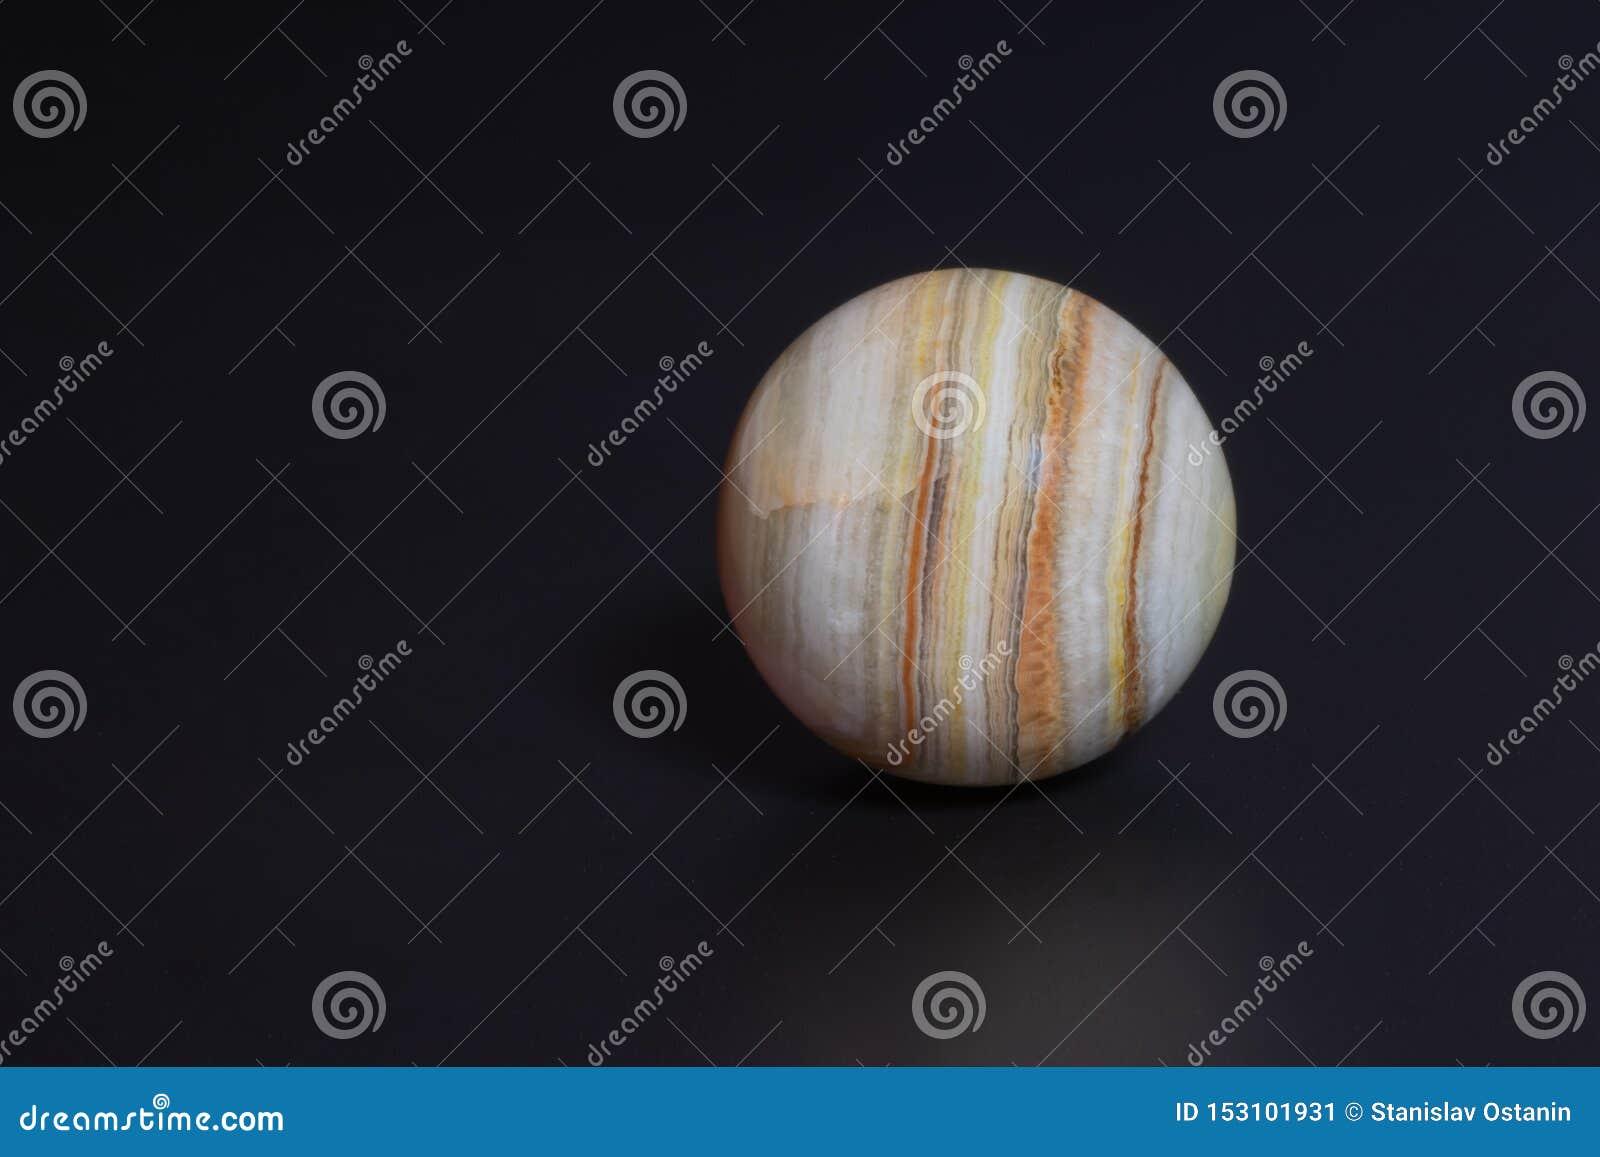 La bola es hermosa e inusual